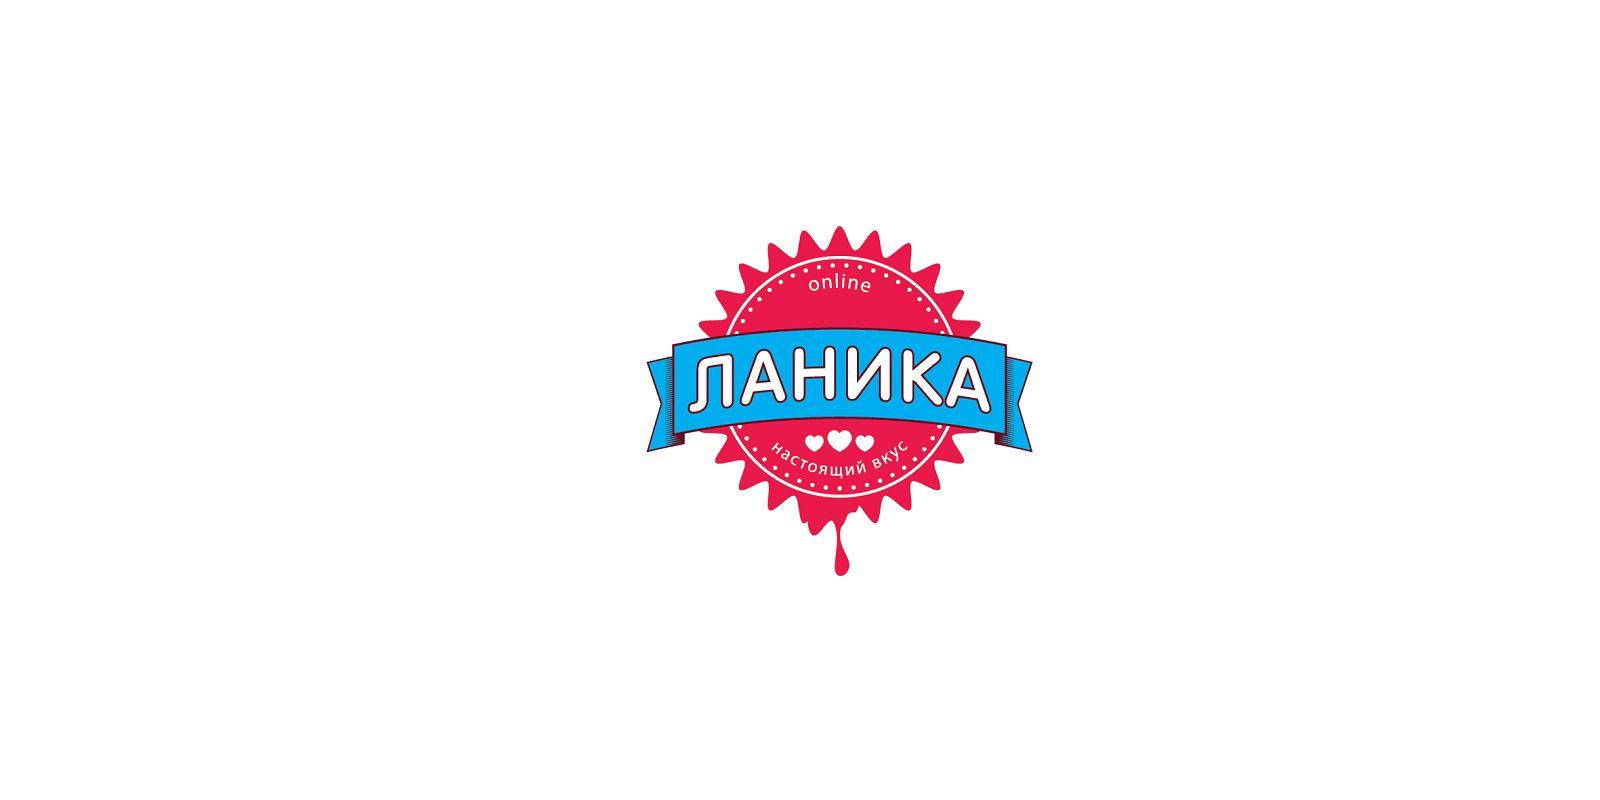 Лого ИМ тортов,пирожных и печенья ручной работы - дизайнер arturus